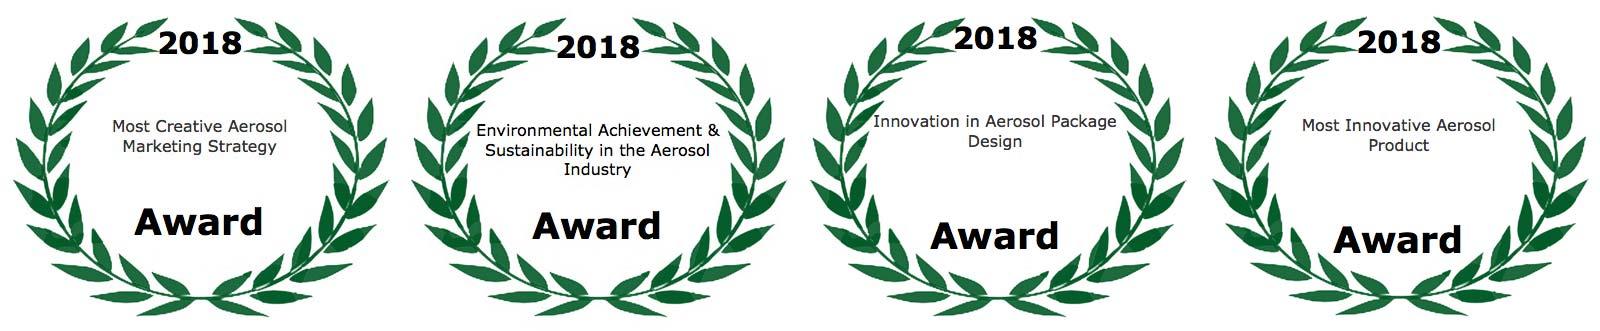 FEA awards